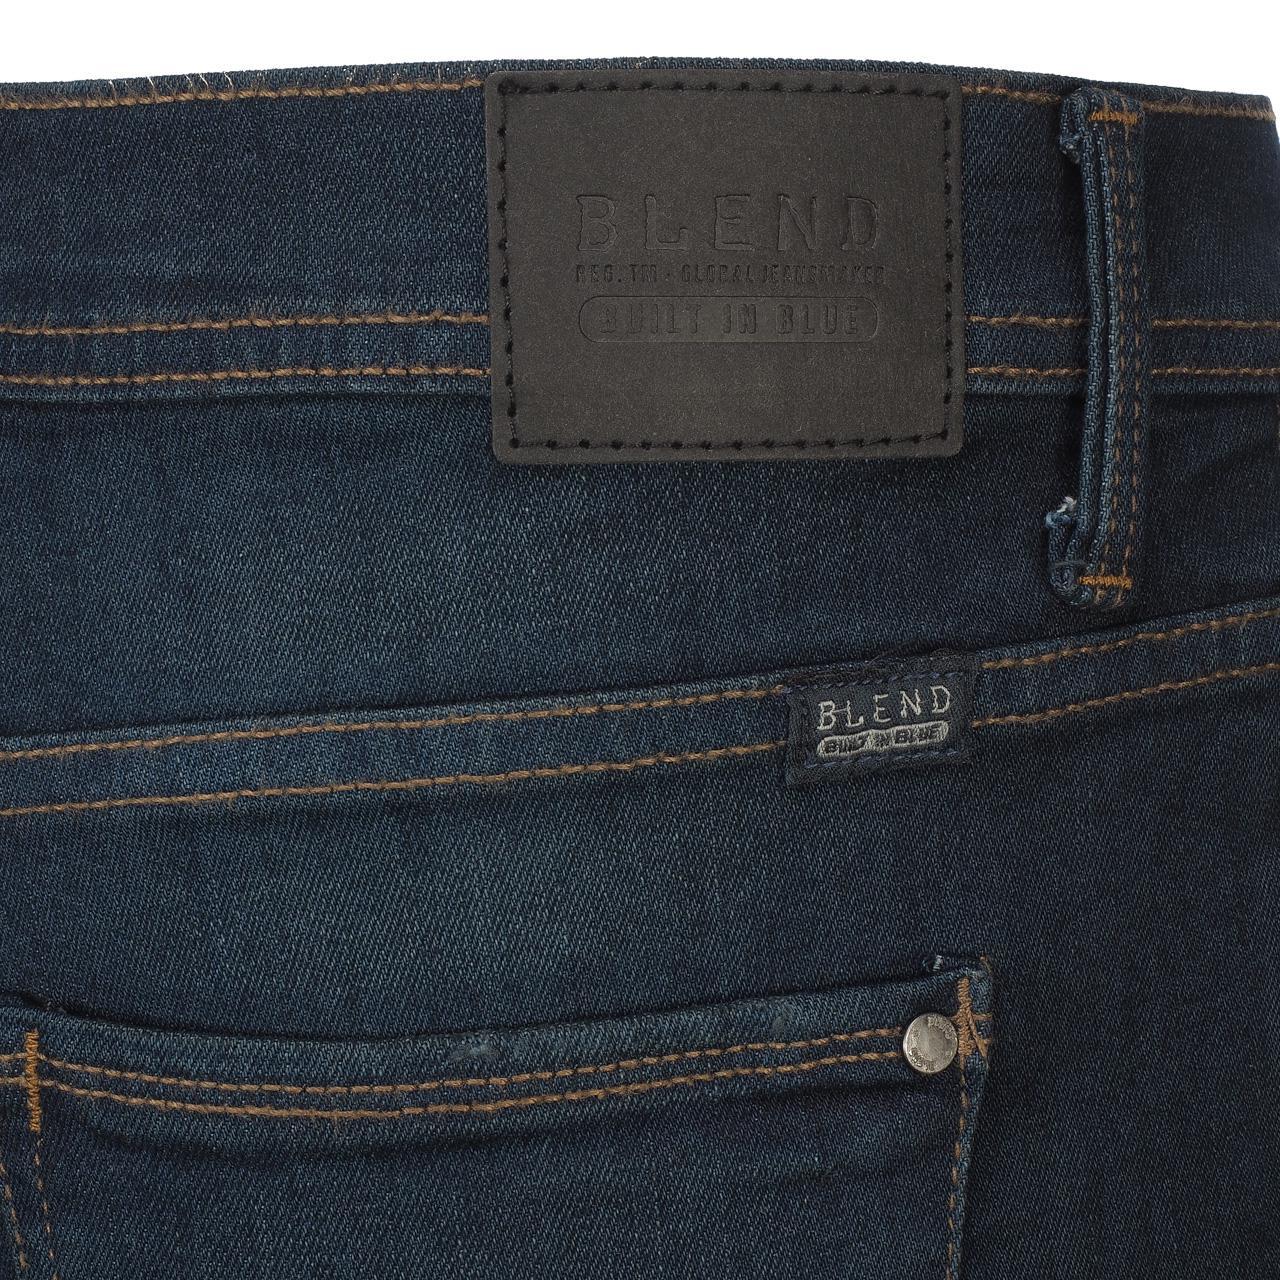 Jeans-Pants-Slim-Blend-Twister-34-Dk-Blue-Blue-Jeans-10961-New thumbnail 4